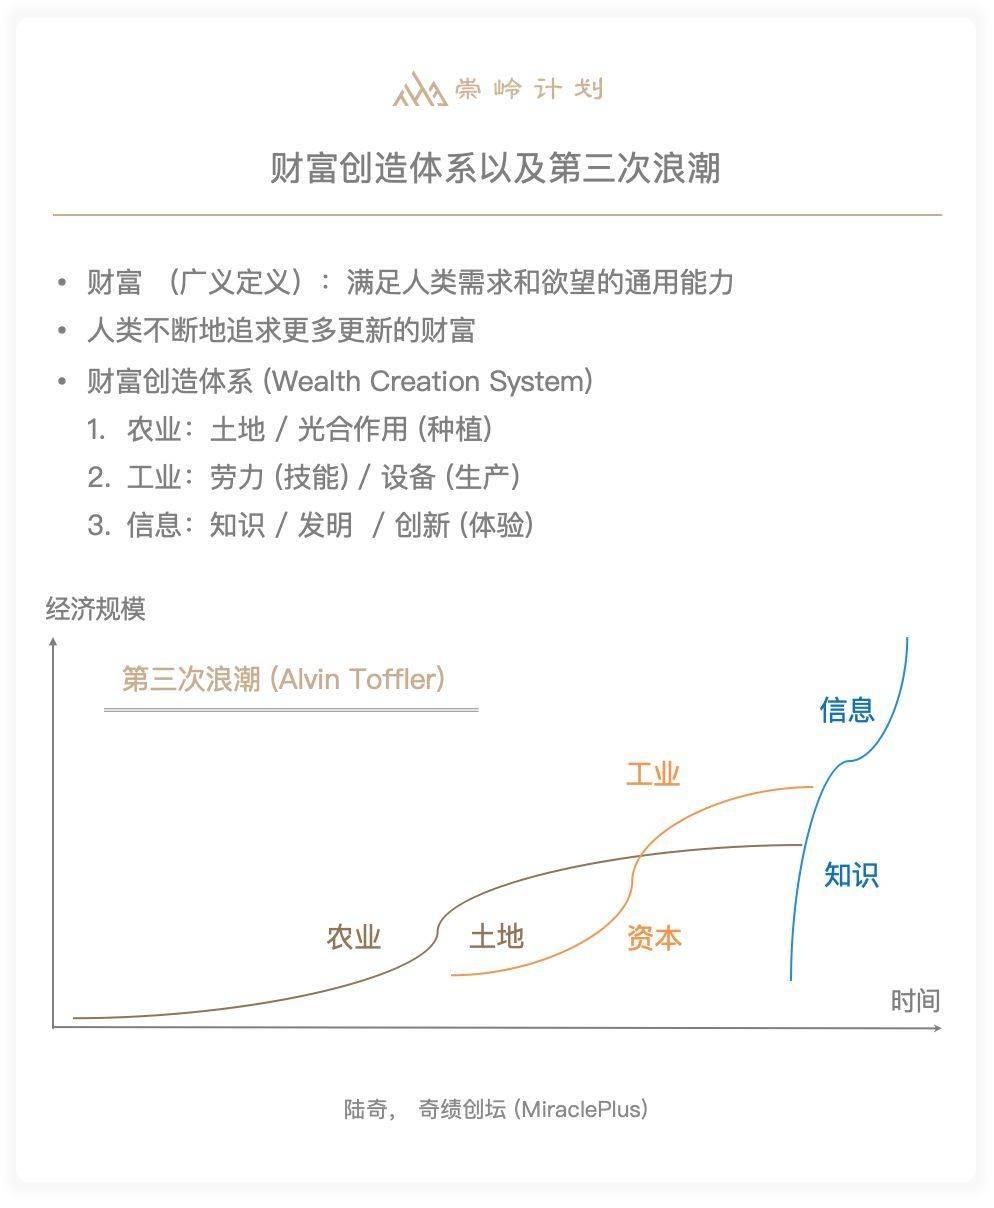 陆奇的benchmark:技术趋势与商业变革